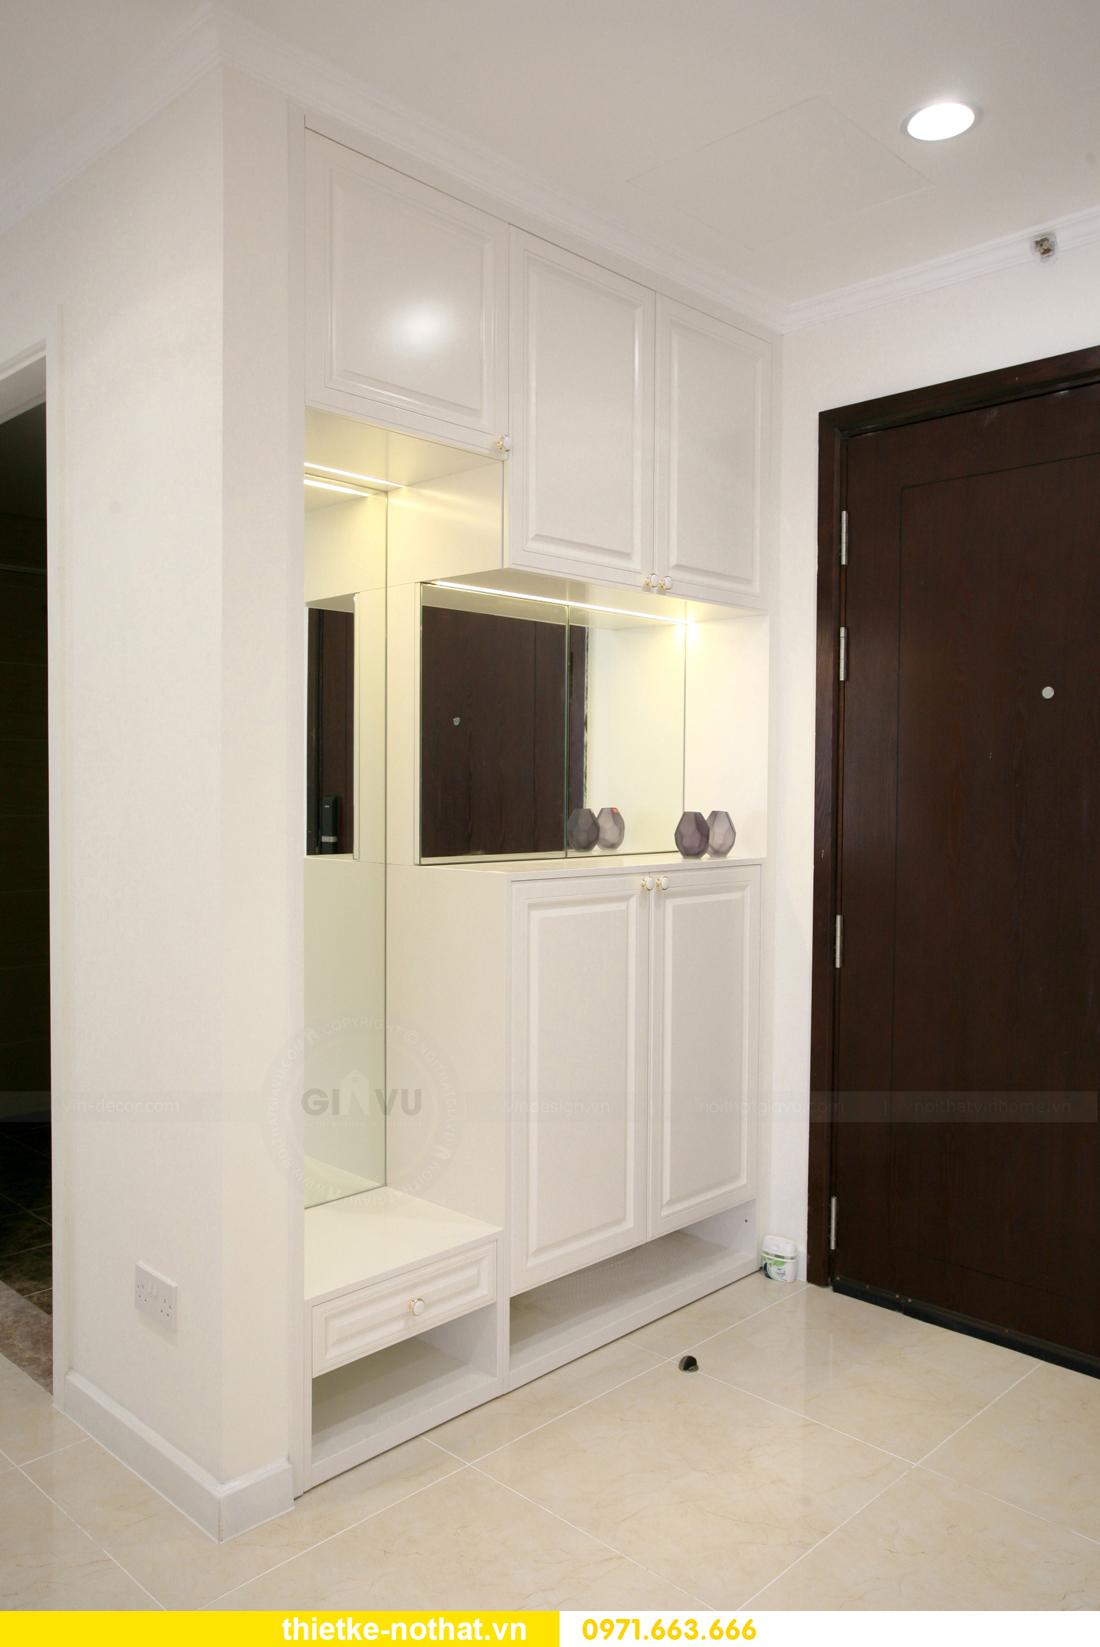 thi công nội thất căn hộ 2 phòng ngủ tại chung cư DCapitale 01